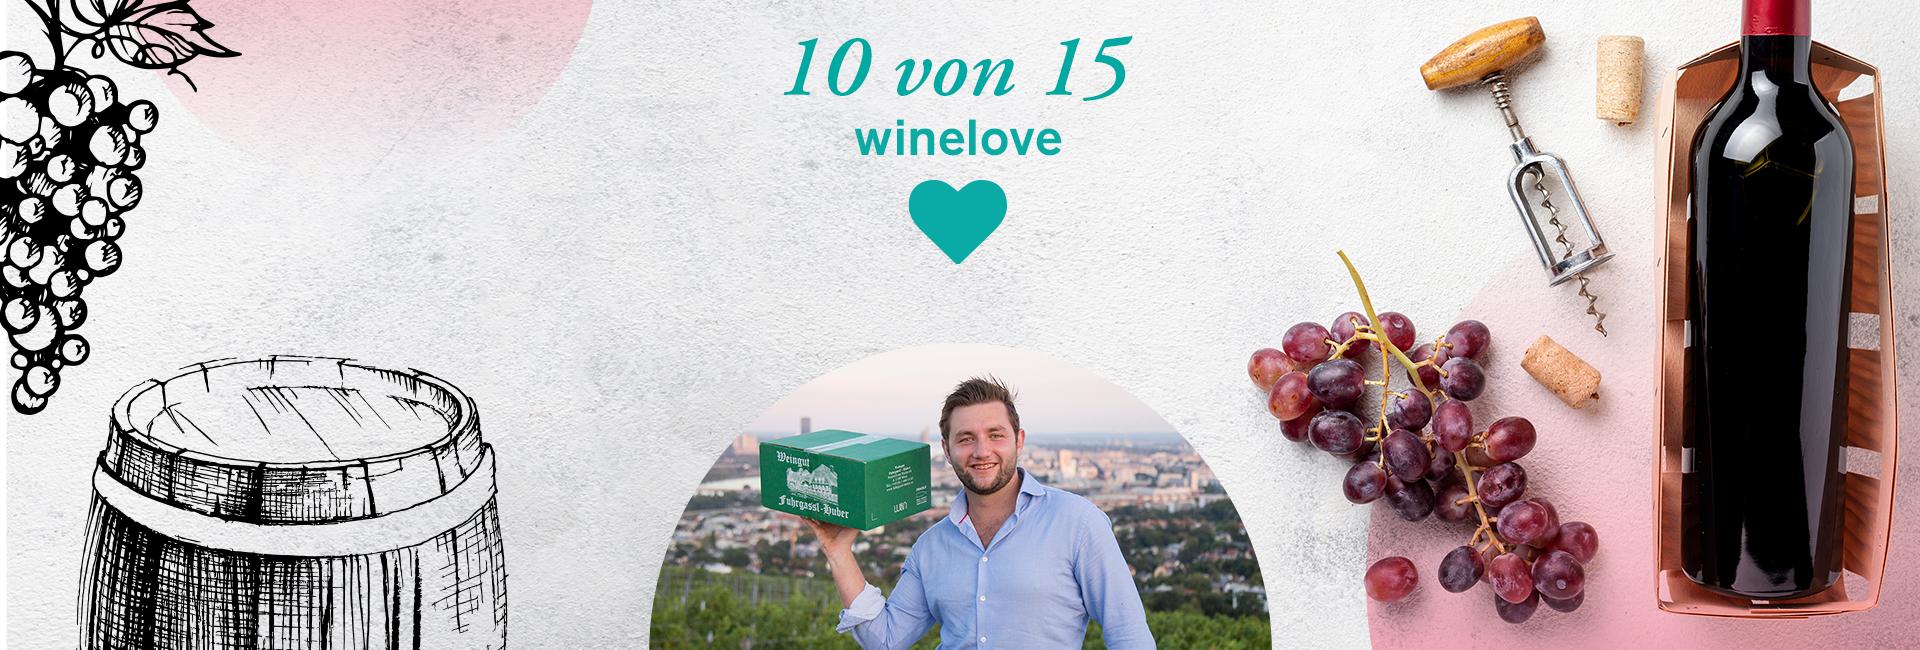 10. Weingläschen 🍷